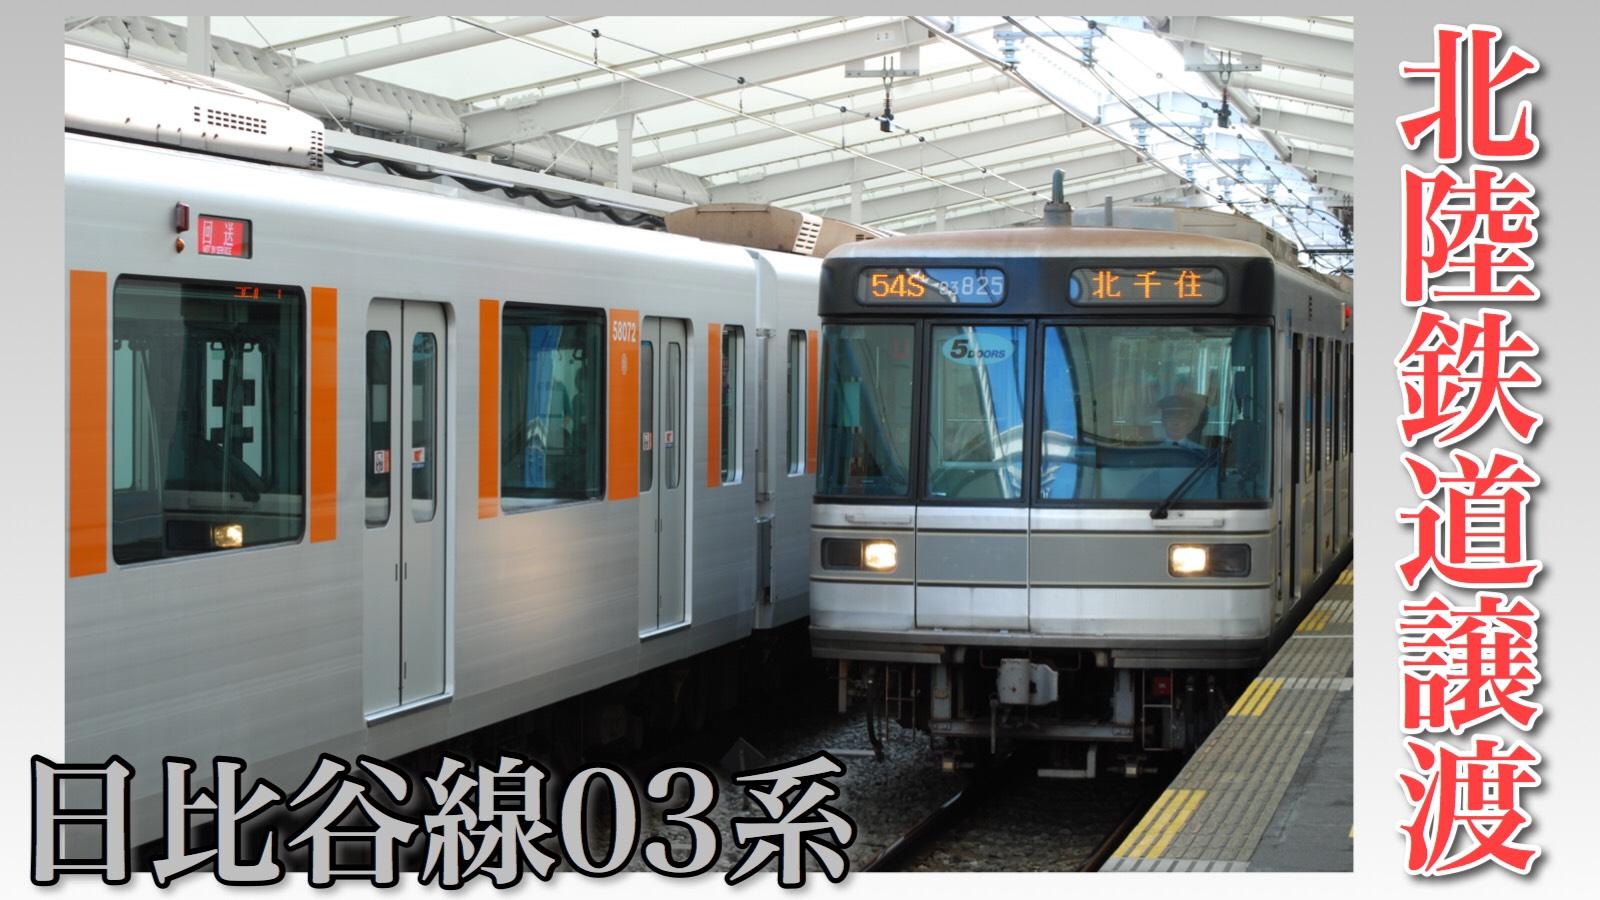 東京メトロ】日比谷線03系が北陸鉄道譲渡へ・今後も相次ぐ? | 鉄道 ...